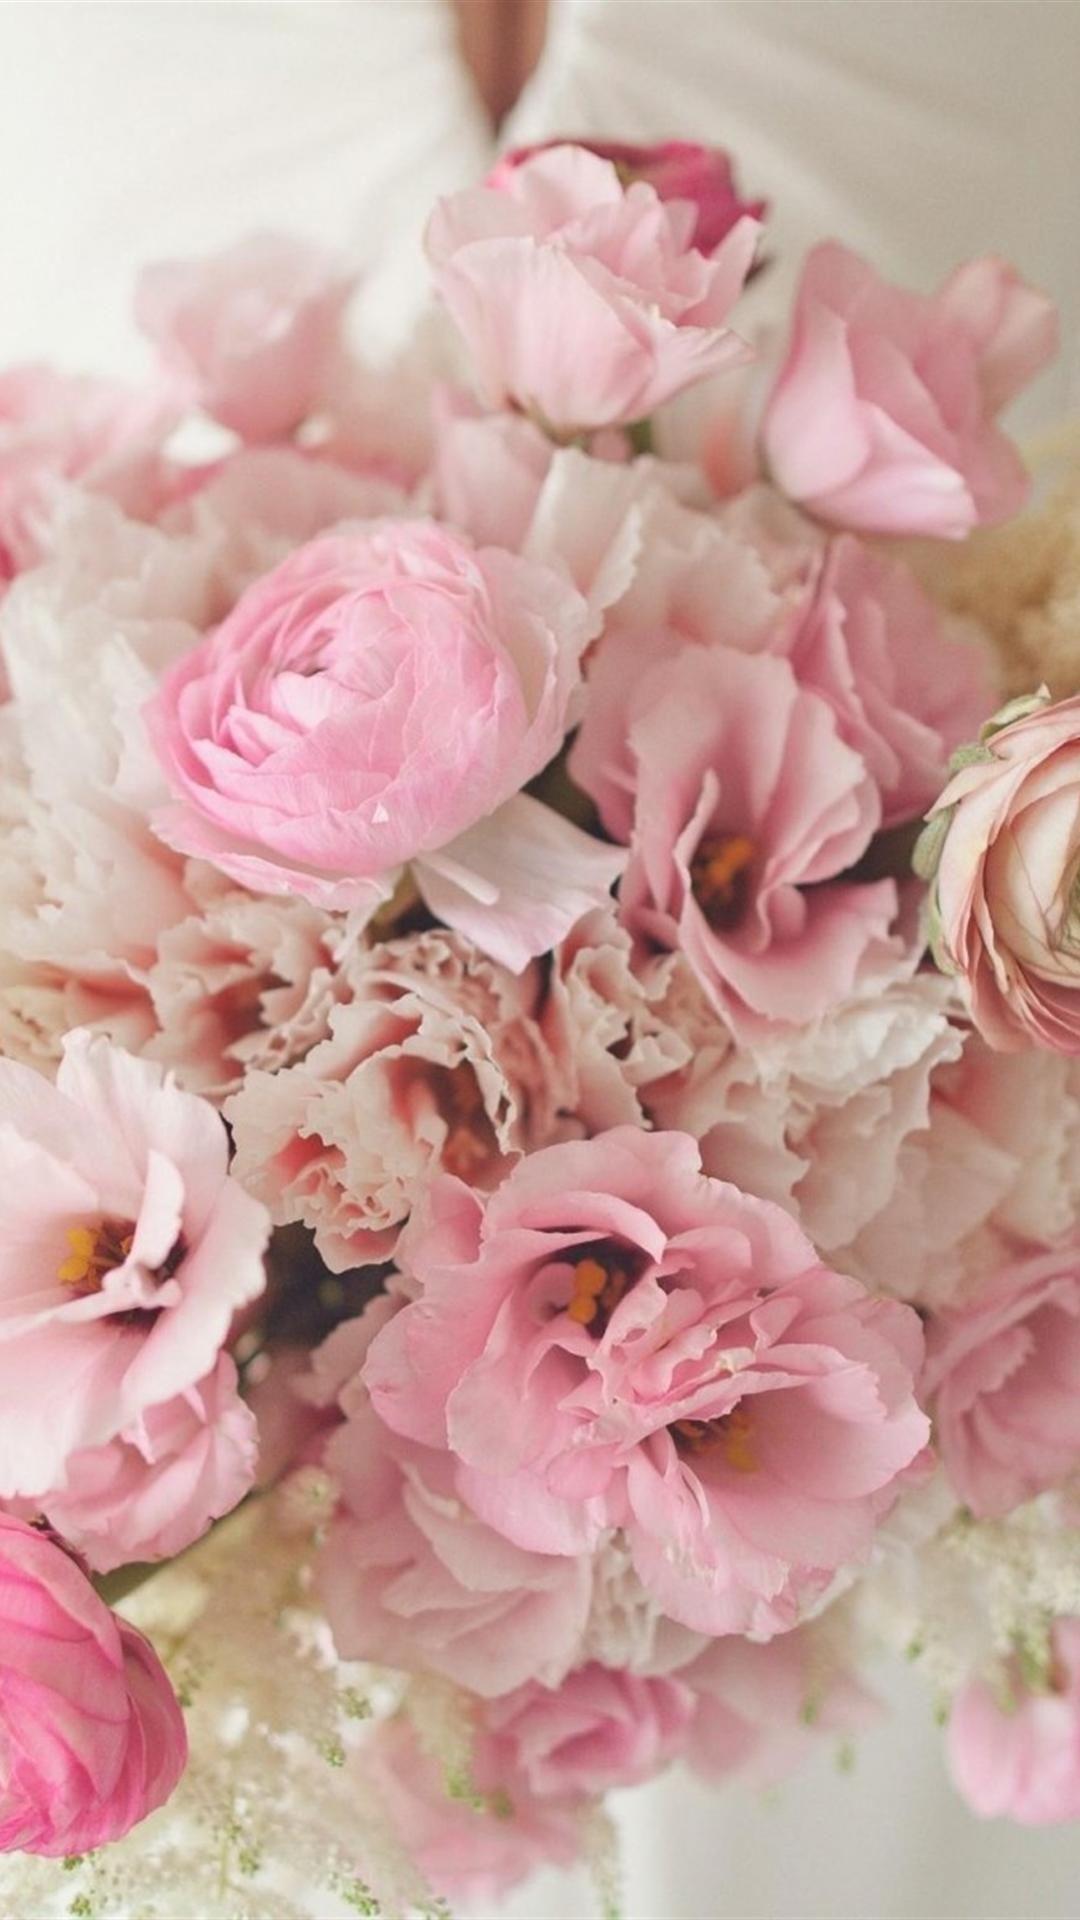 Purple Flowers Iphone Wallpaper Hd Flowers Wallpaper For Iphone 6 Plus 922501 Hd Wallpaper Backgrounds Download